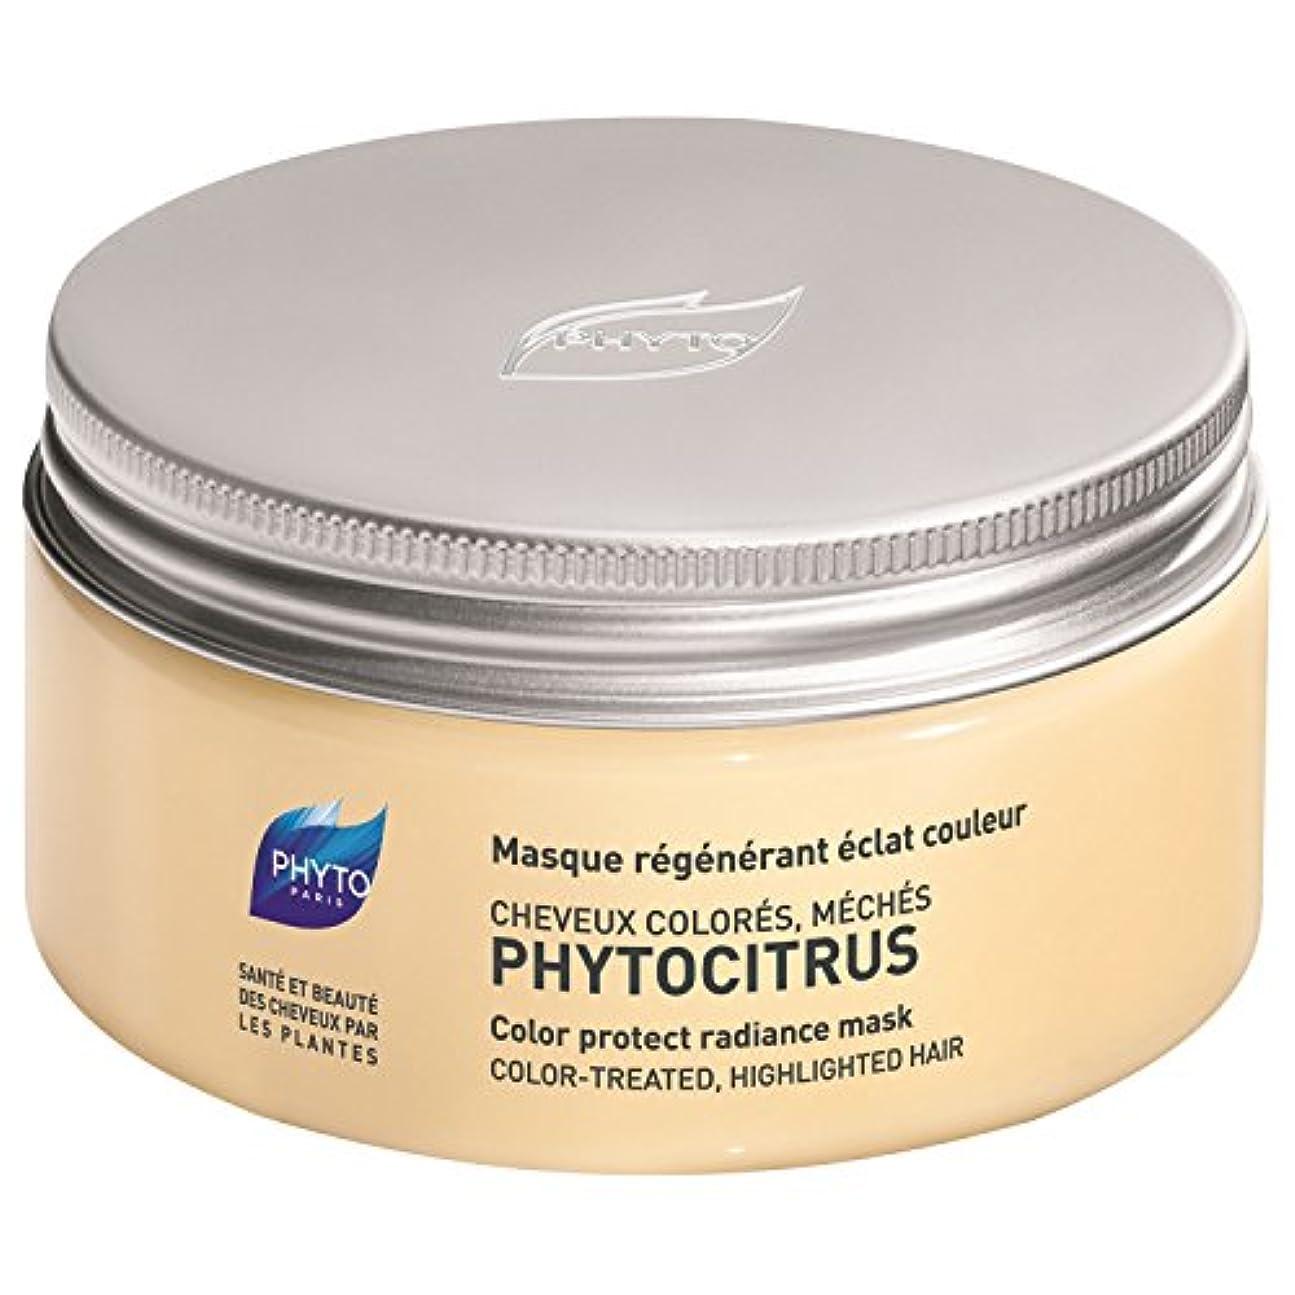 仮定十代さようならフィトPhytocitrus色保護放射輝度マスク200ミリリットル (Phyto) (x2) - Phyto Phytocitrus Colour Protect Radiance Mask 200ml (Pack of...